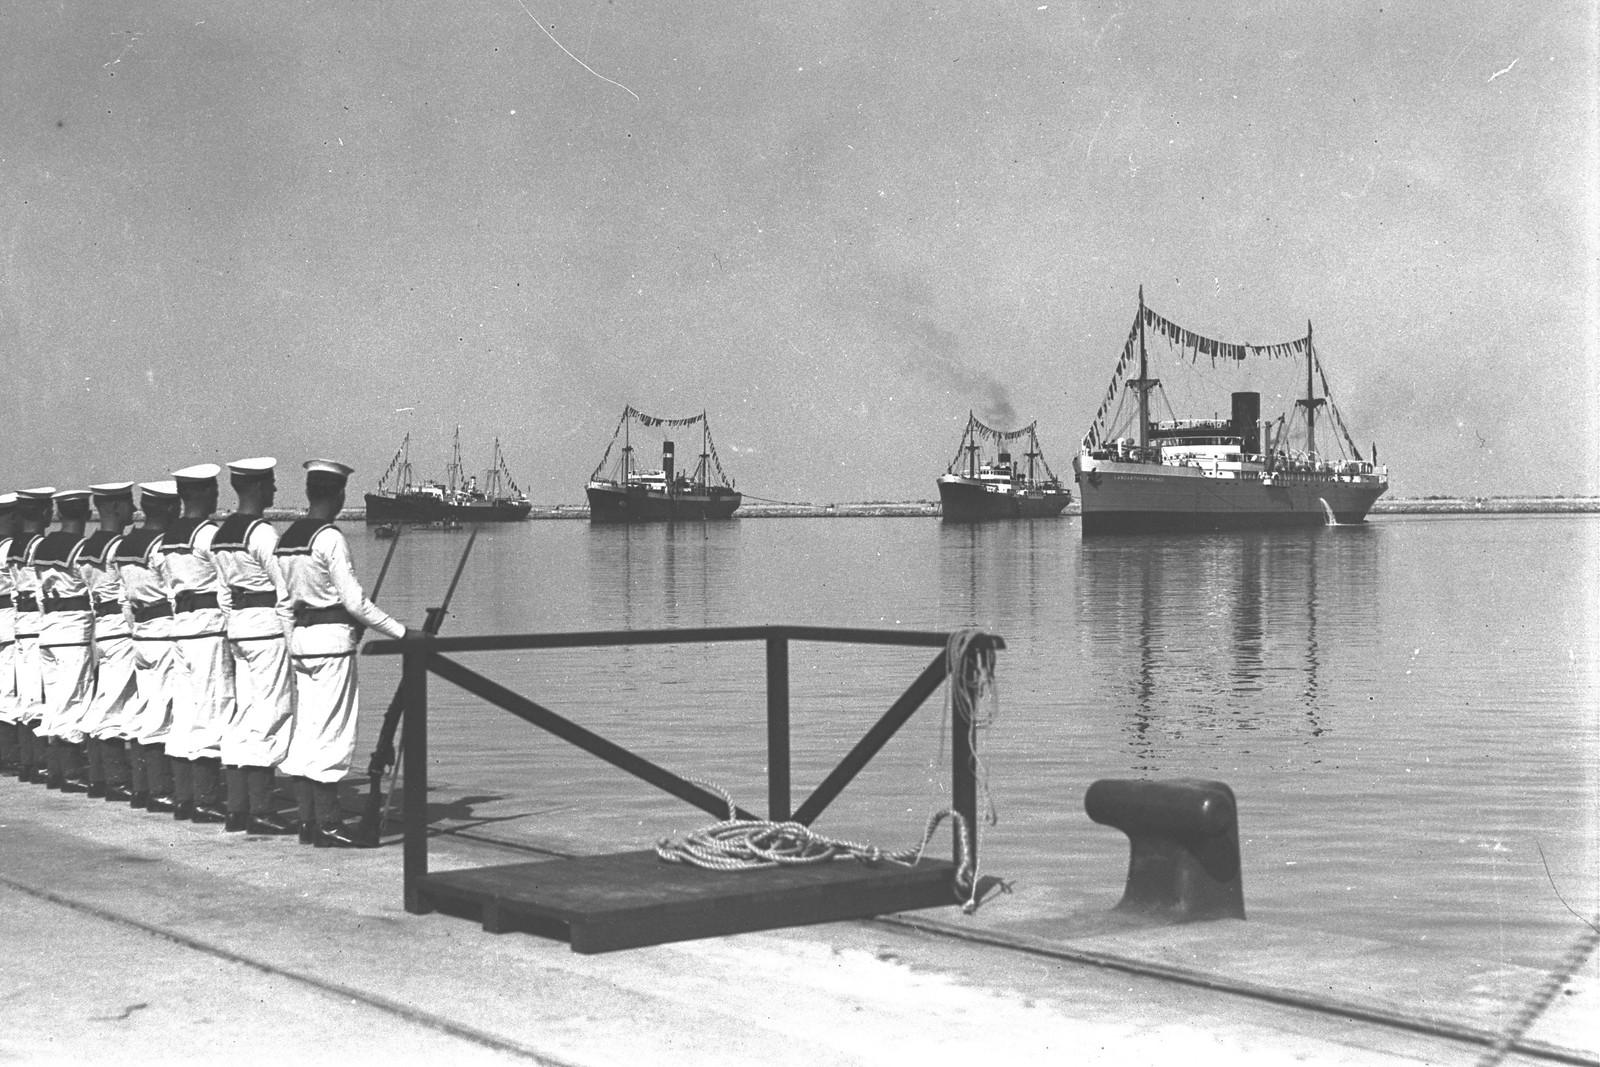 1933. Хайфа. Церемония открытия порта.